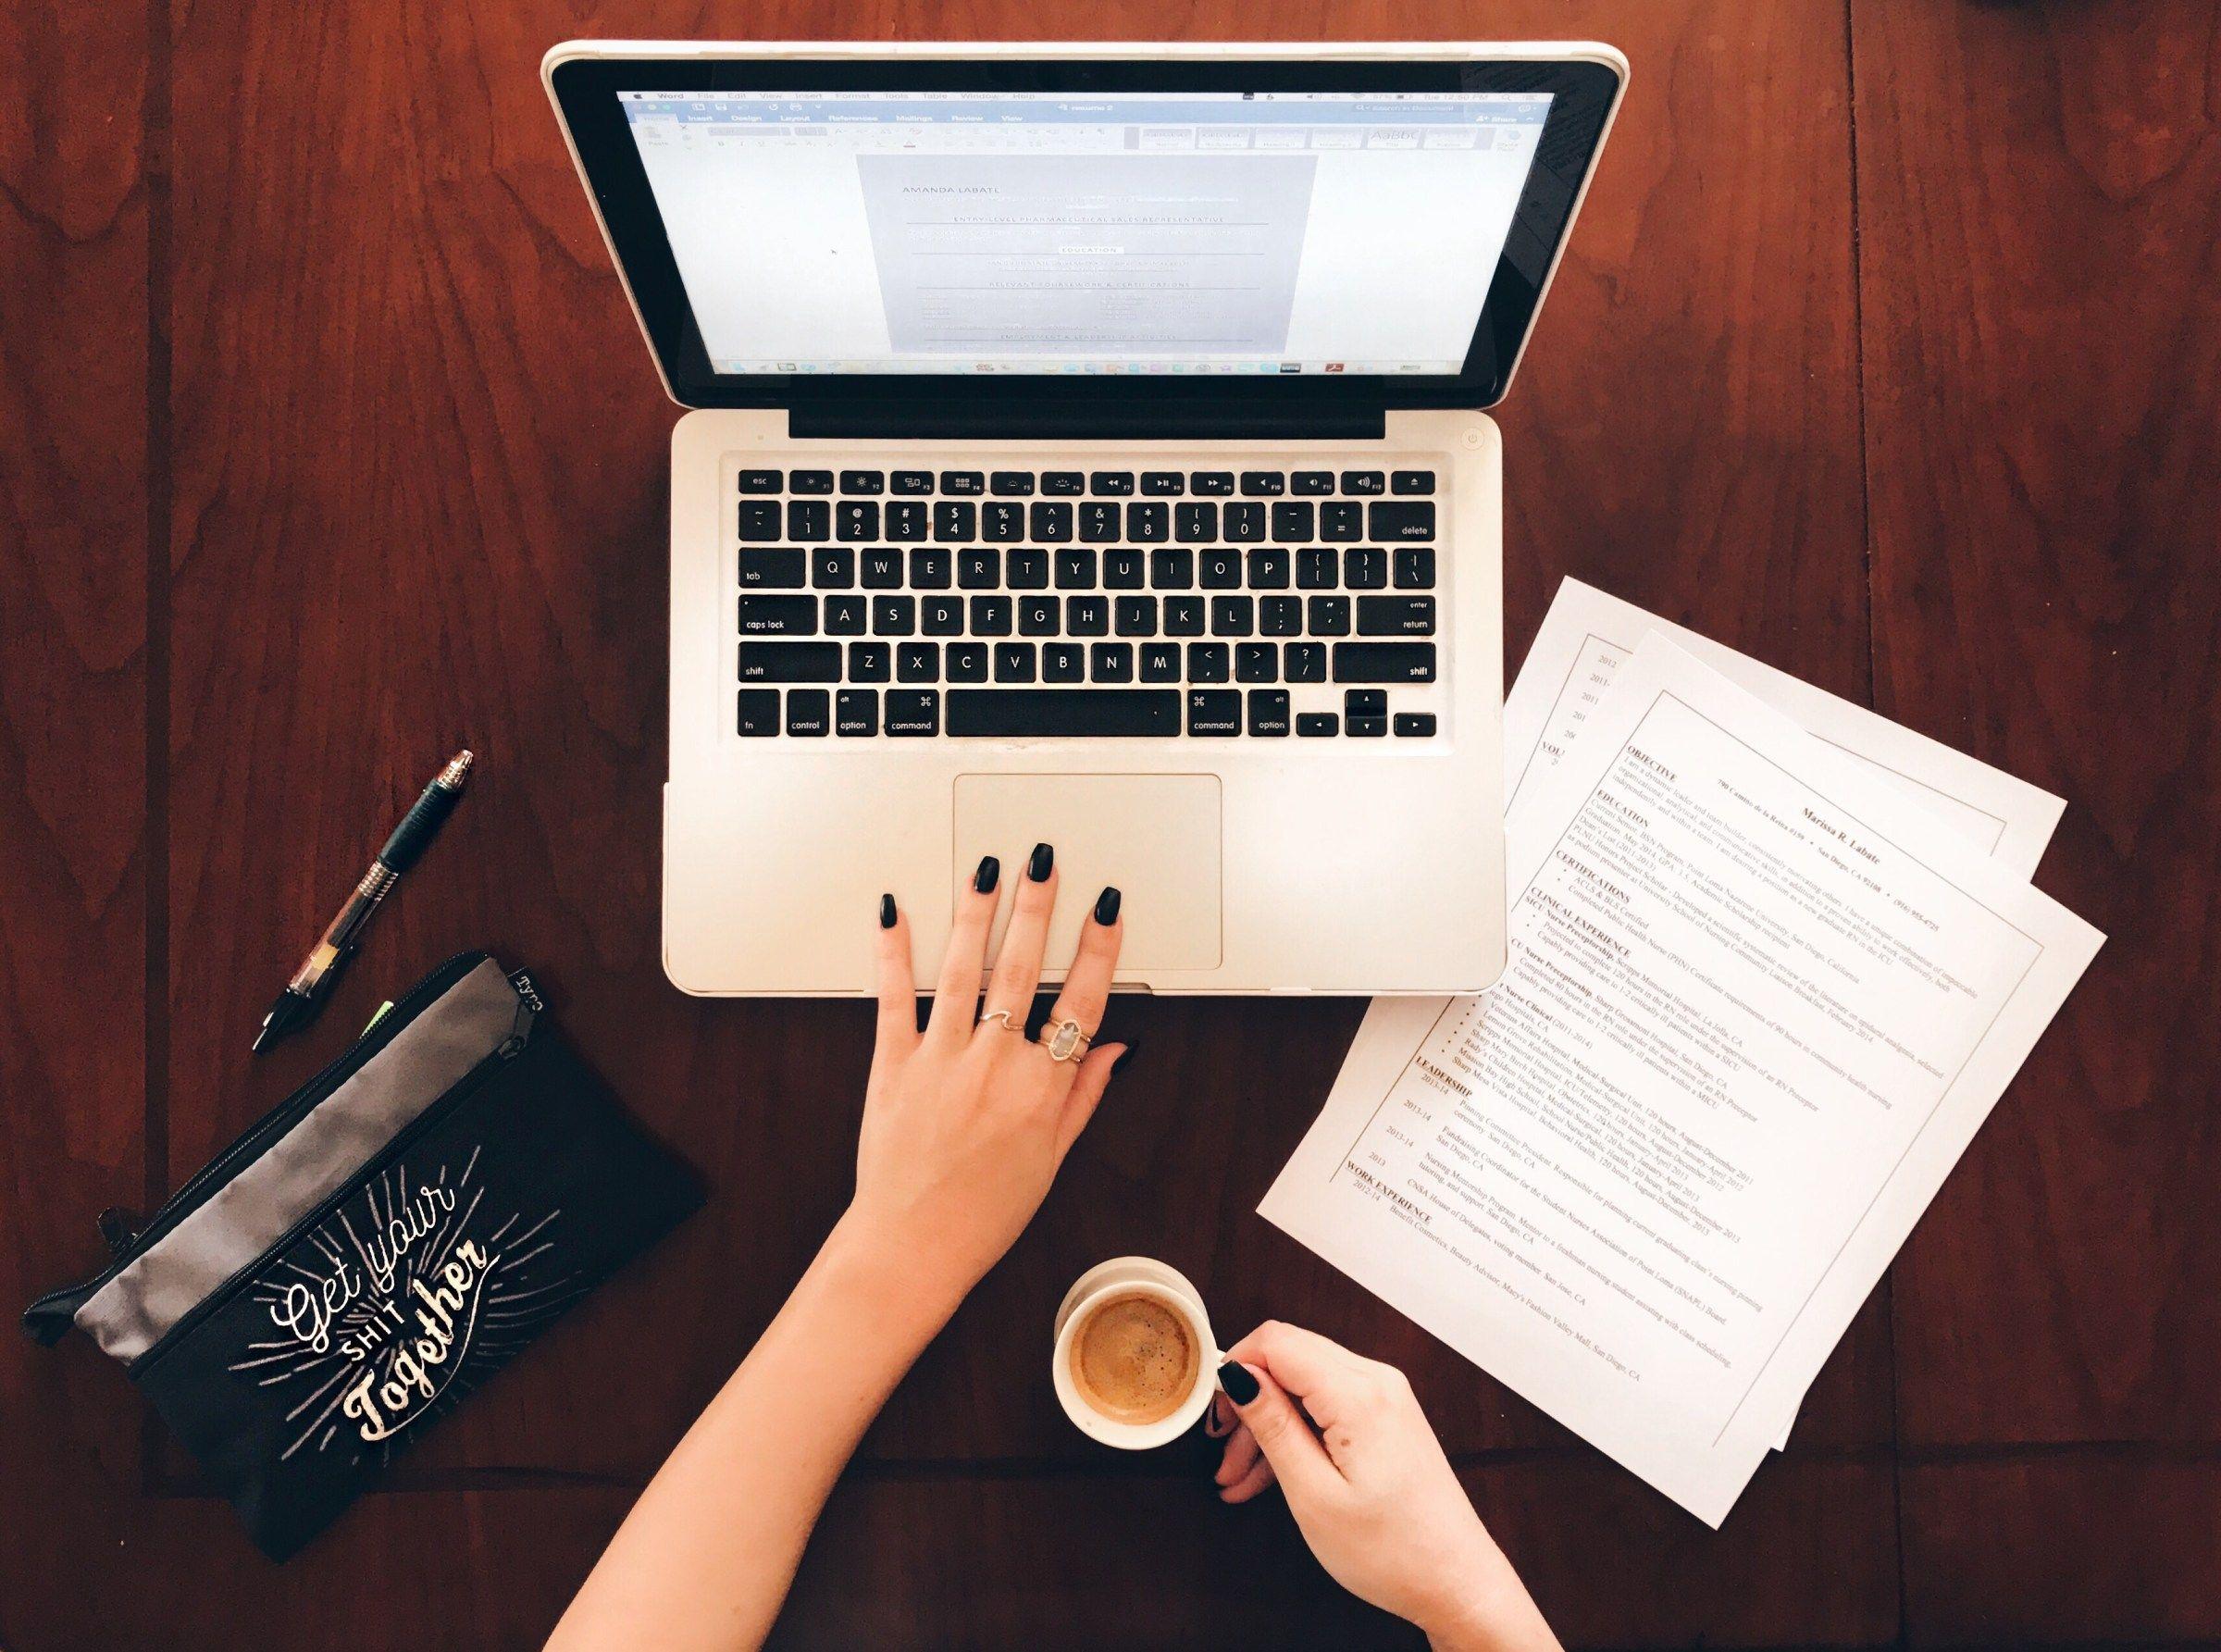 How to write a kickass nursing resume for new grads